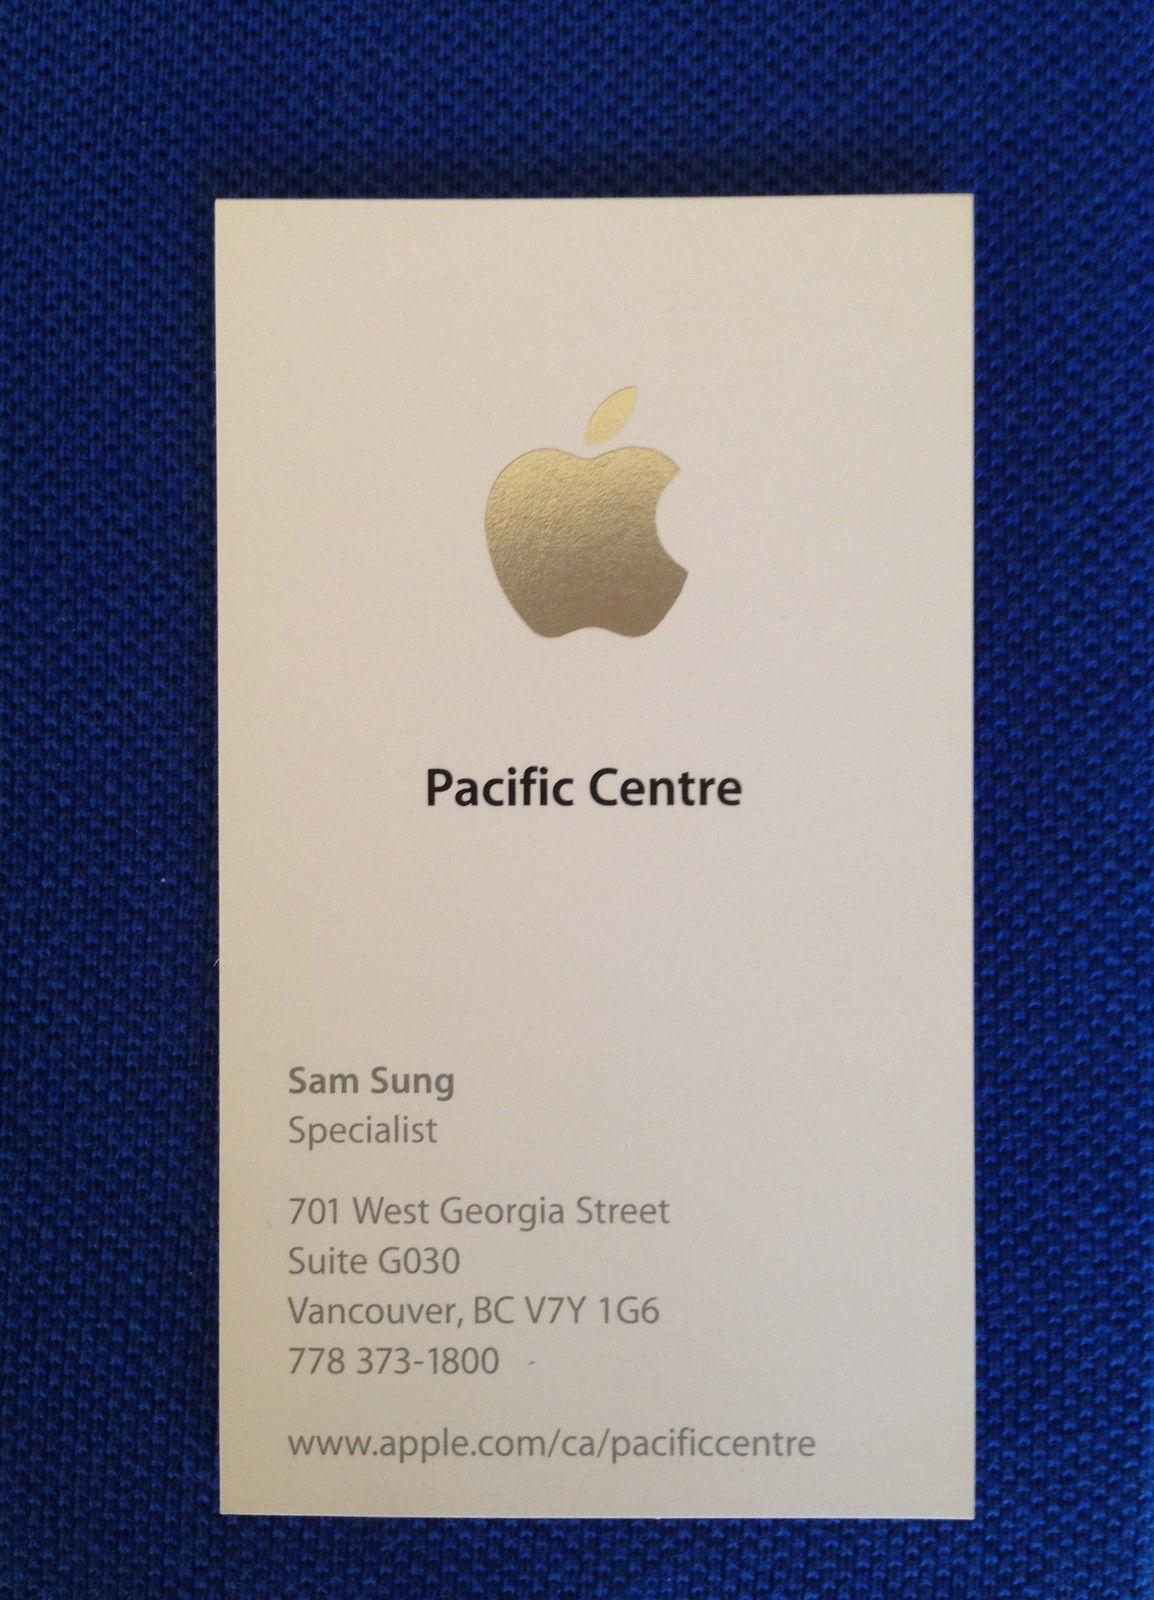 sam-sung-ex-apple-faz-leilao-beneficente-do-cartao-de-visita